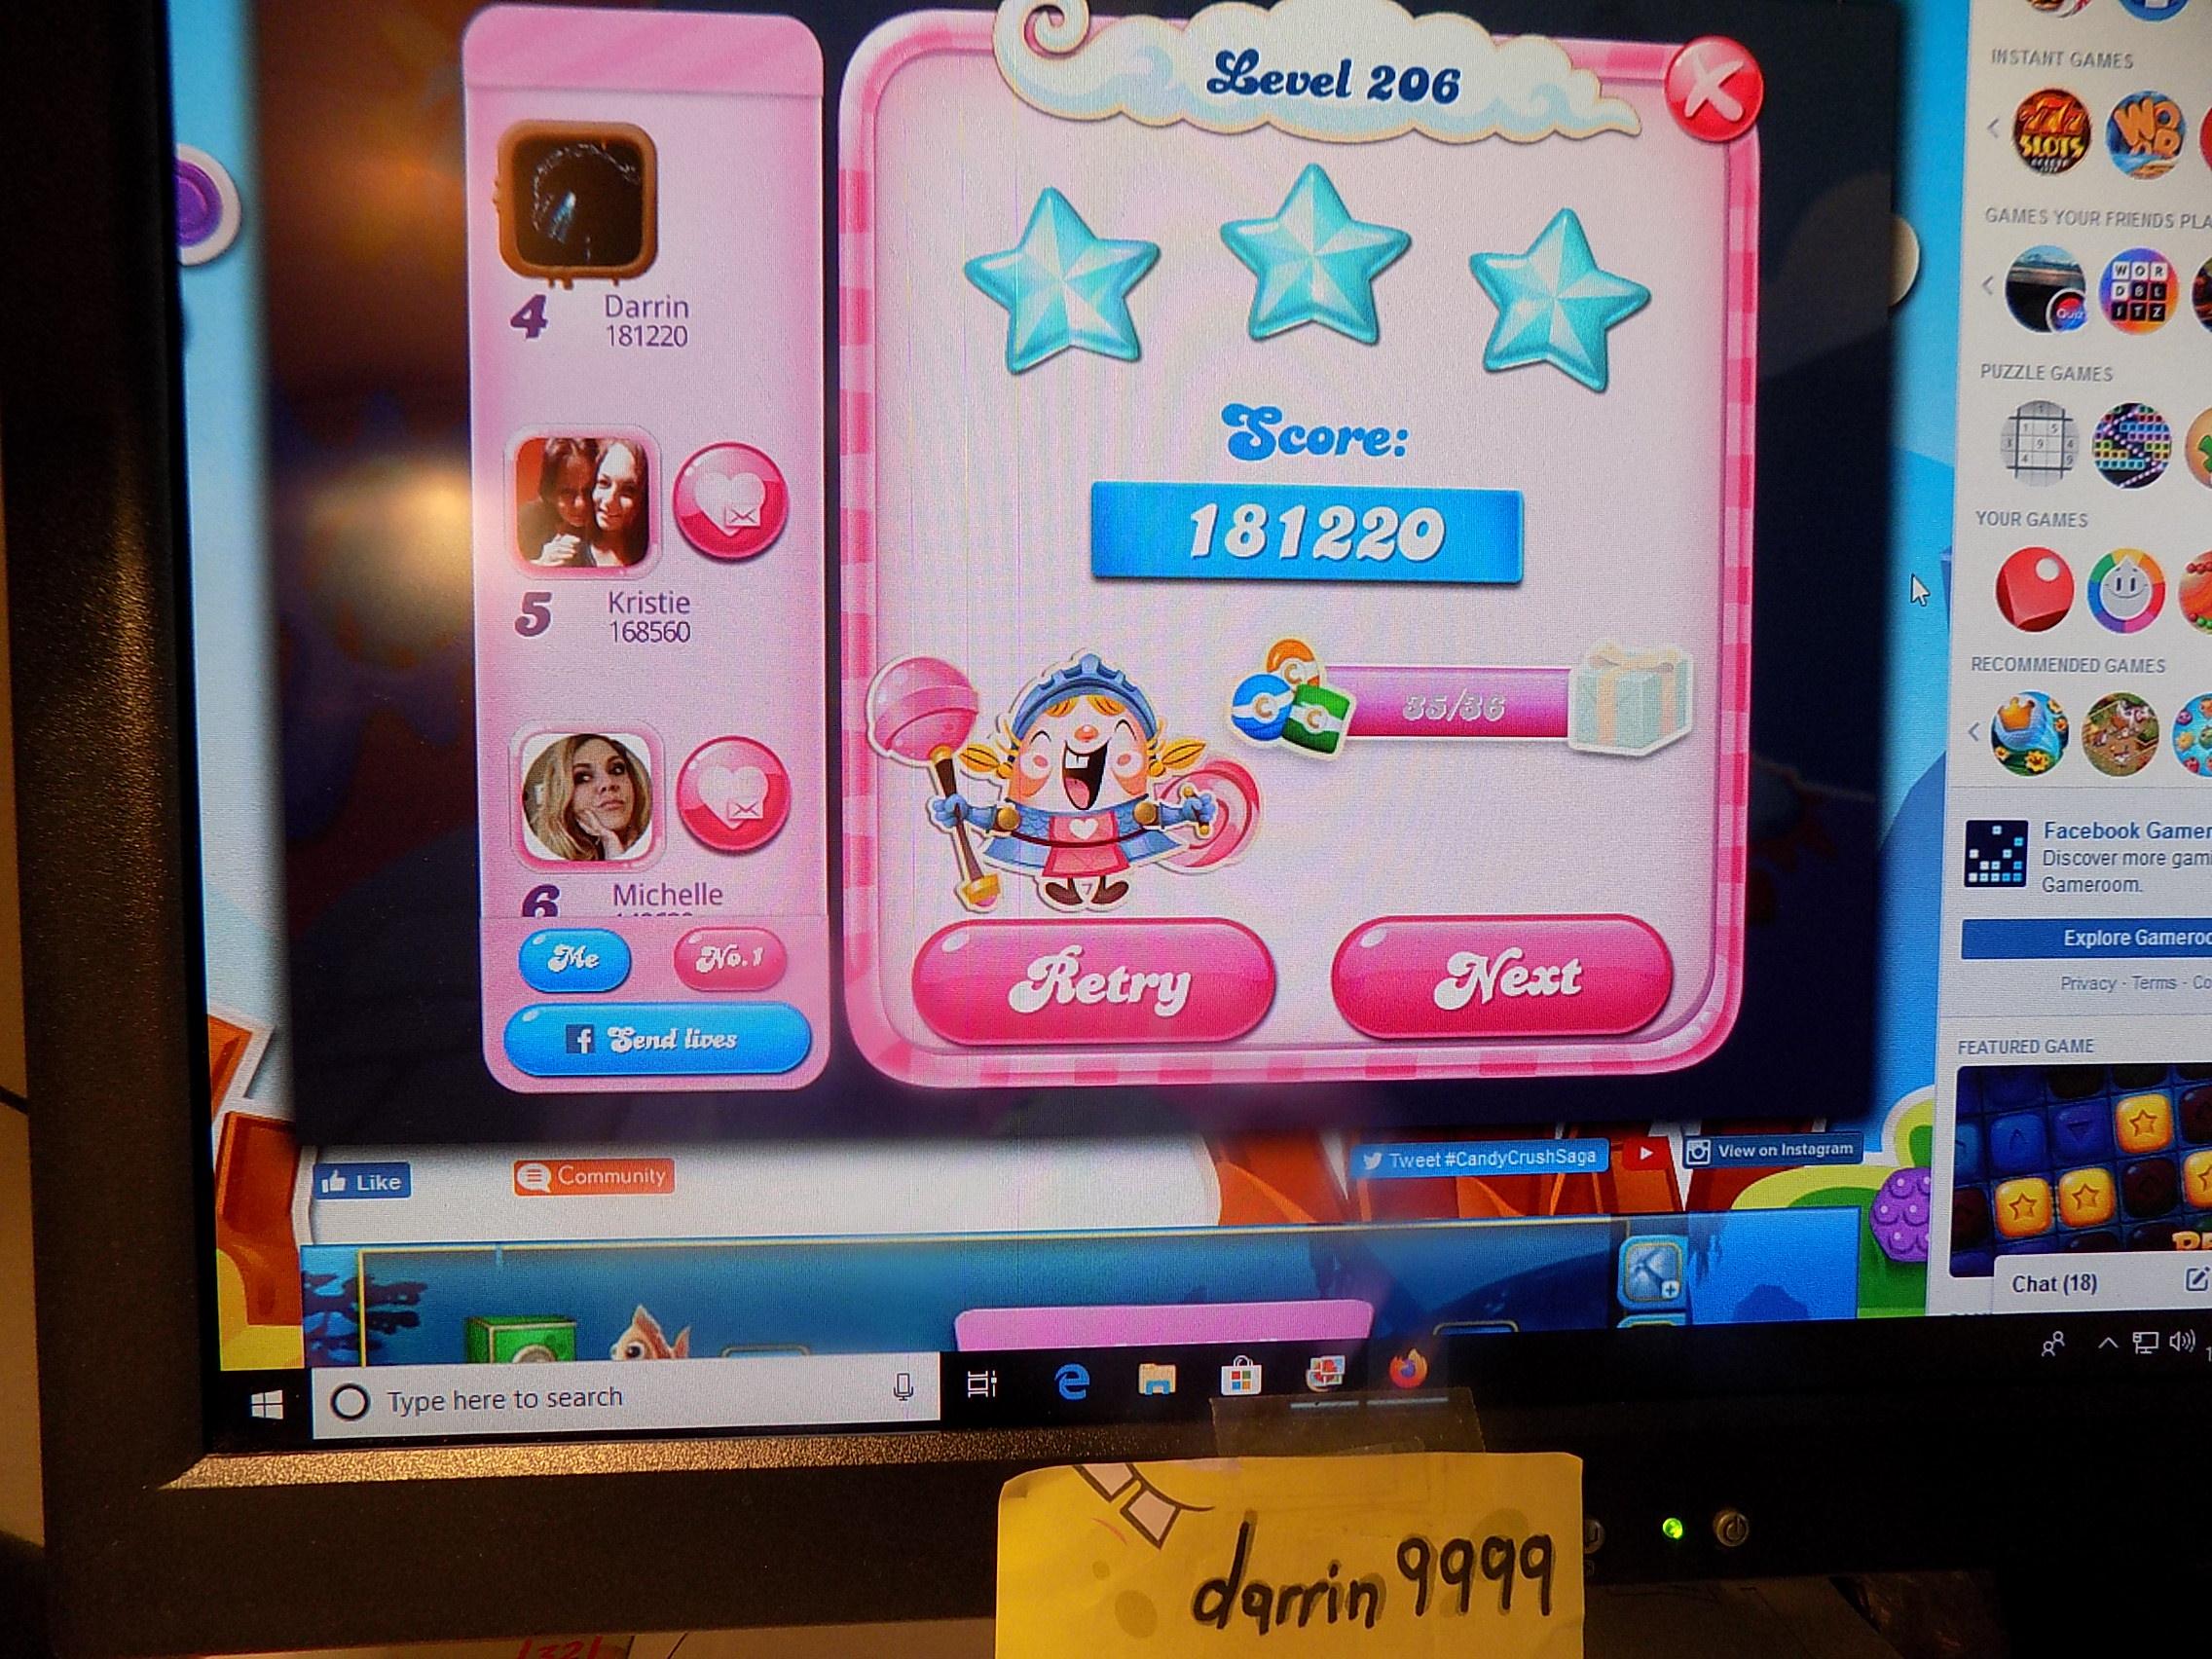 darrin9999: Candy Crush Saga: Level 206 (Web) 181,220 points on 2019-11-18 06:32:46